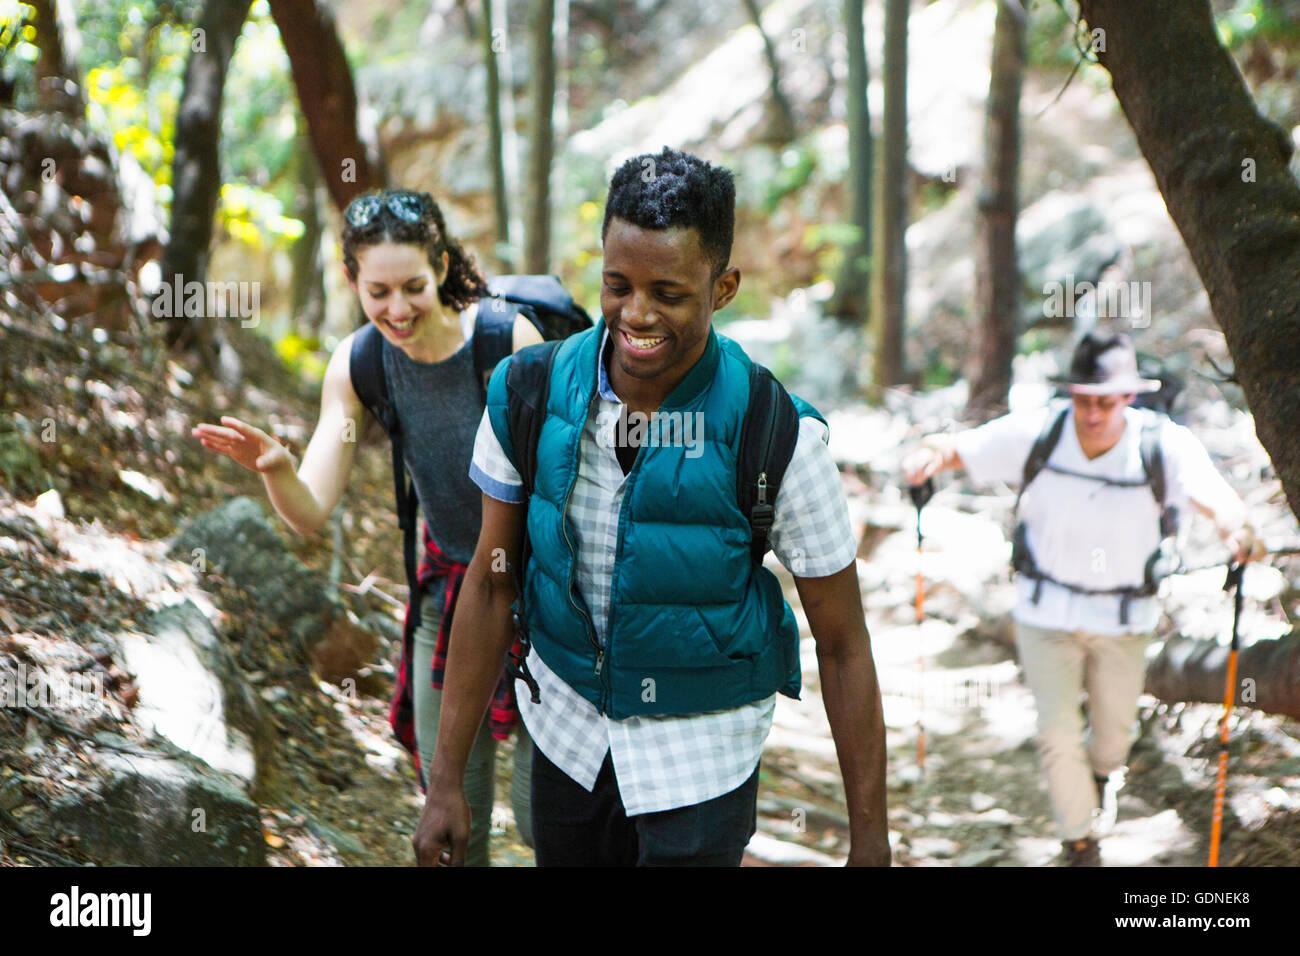 Tre giovani adulte escursionisti escursioni attraverso boschi, Arcadia, California, Stati Uniti d'America Immagini Stock